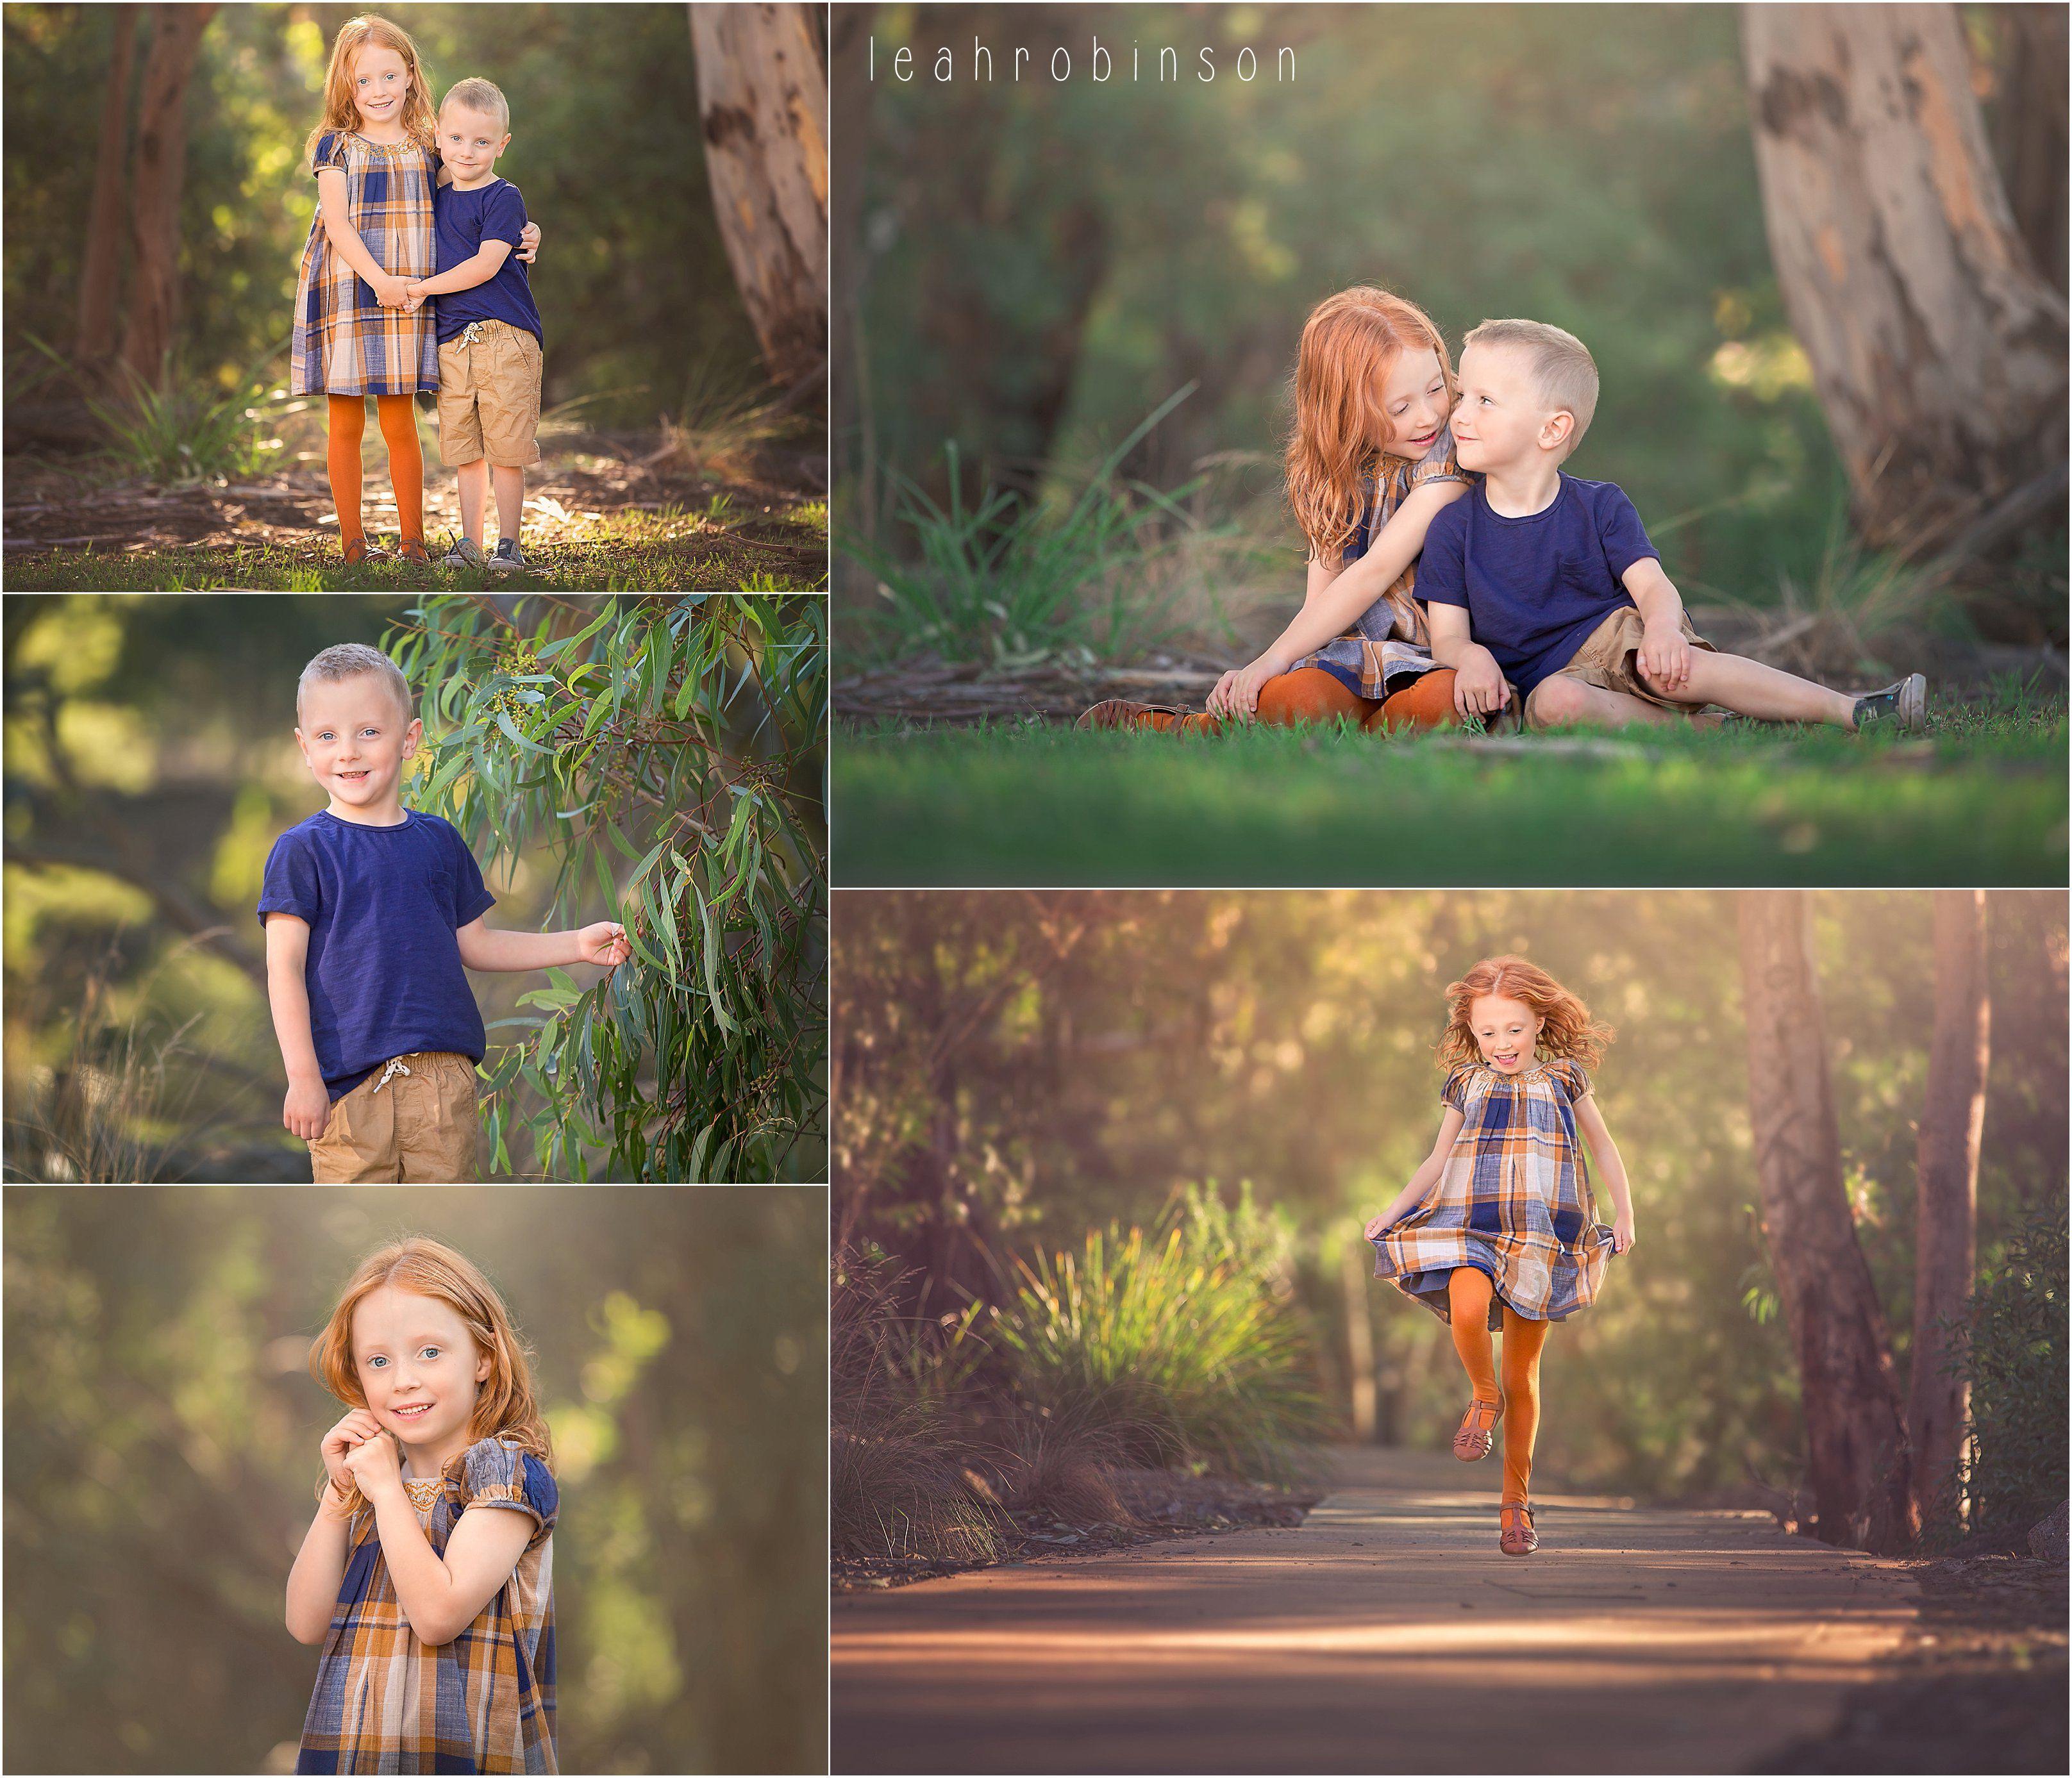 лучшие позы для фотосессии с детьми можете выбрать удобный